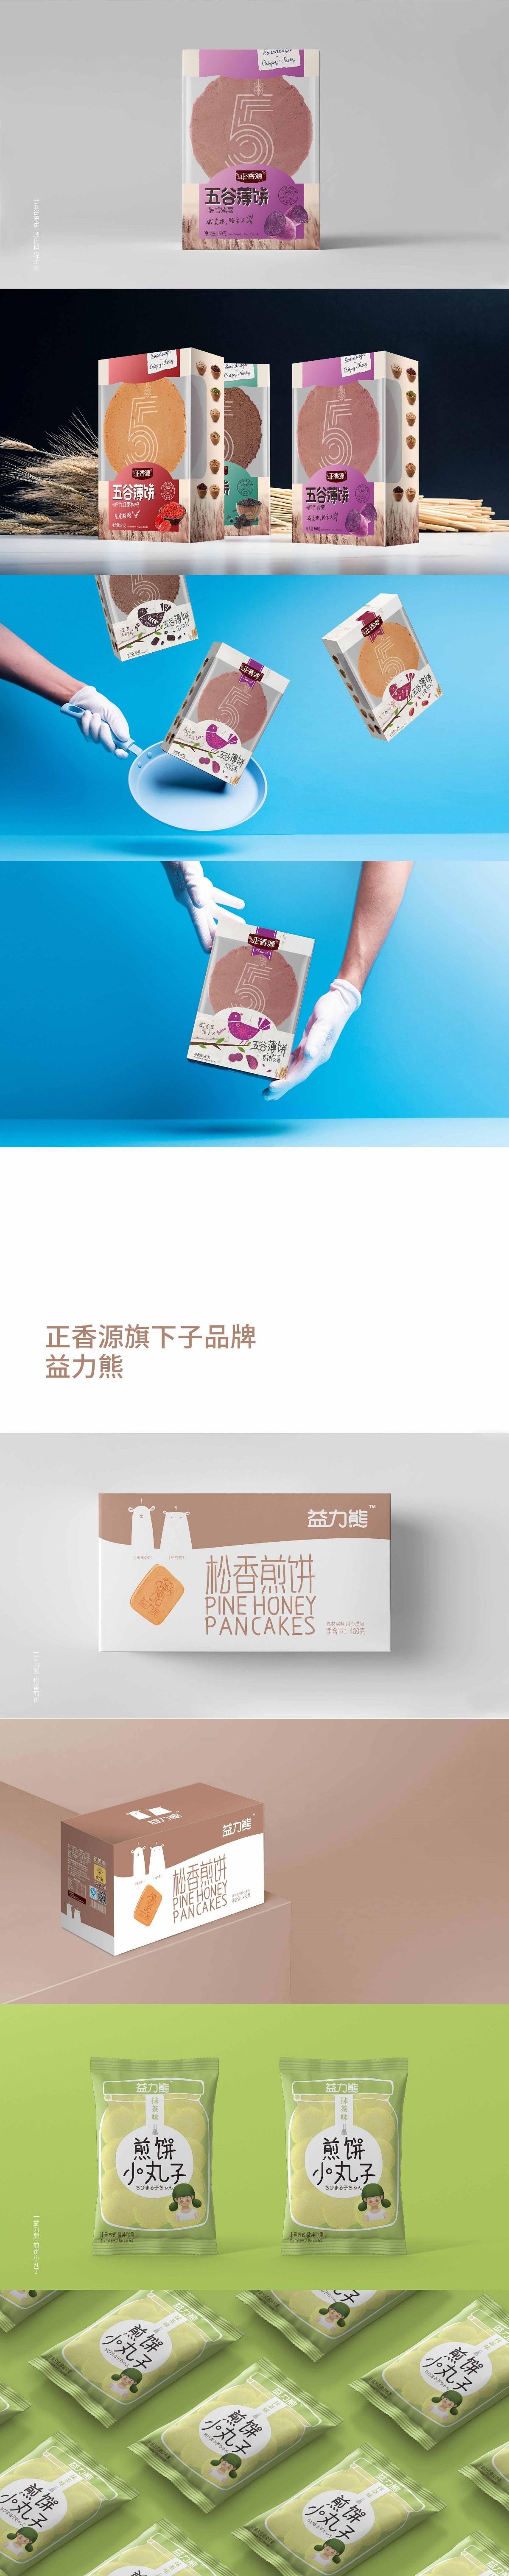 正香源系列产品包装